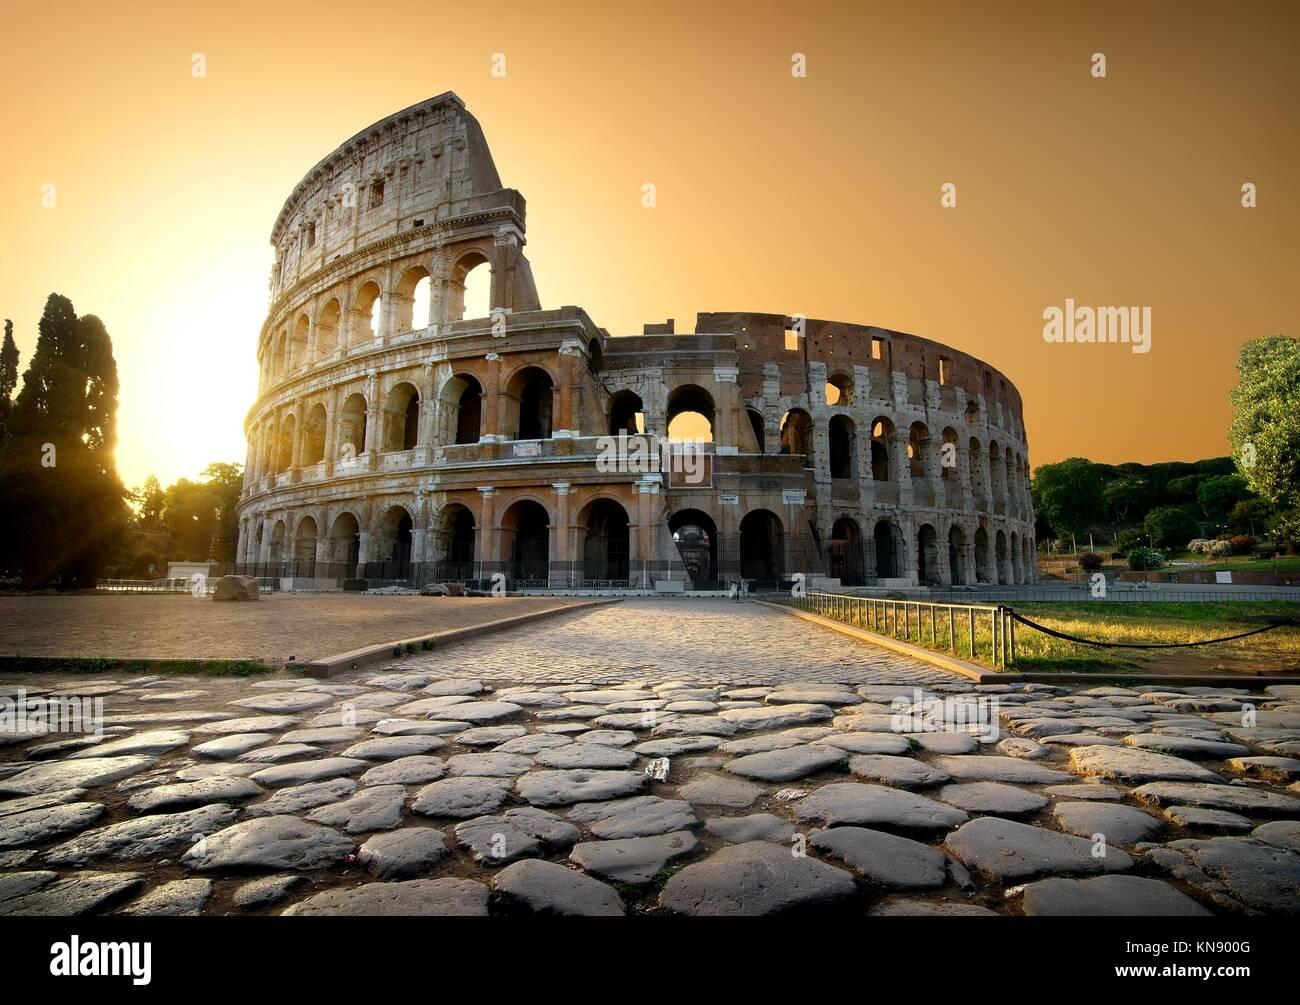 Le Colosseum et le ciel jaune à Rome, Italie. Photo Stock